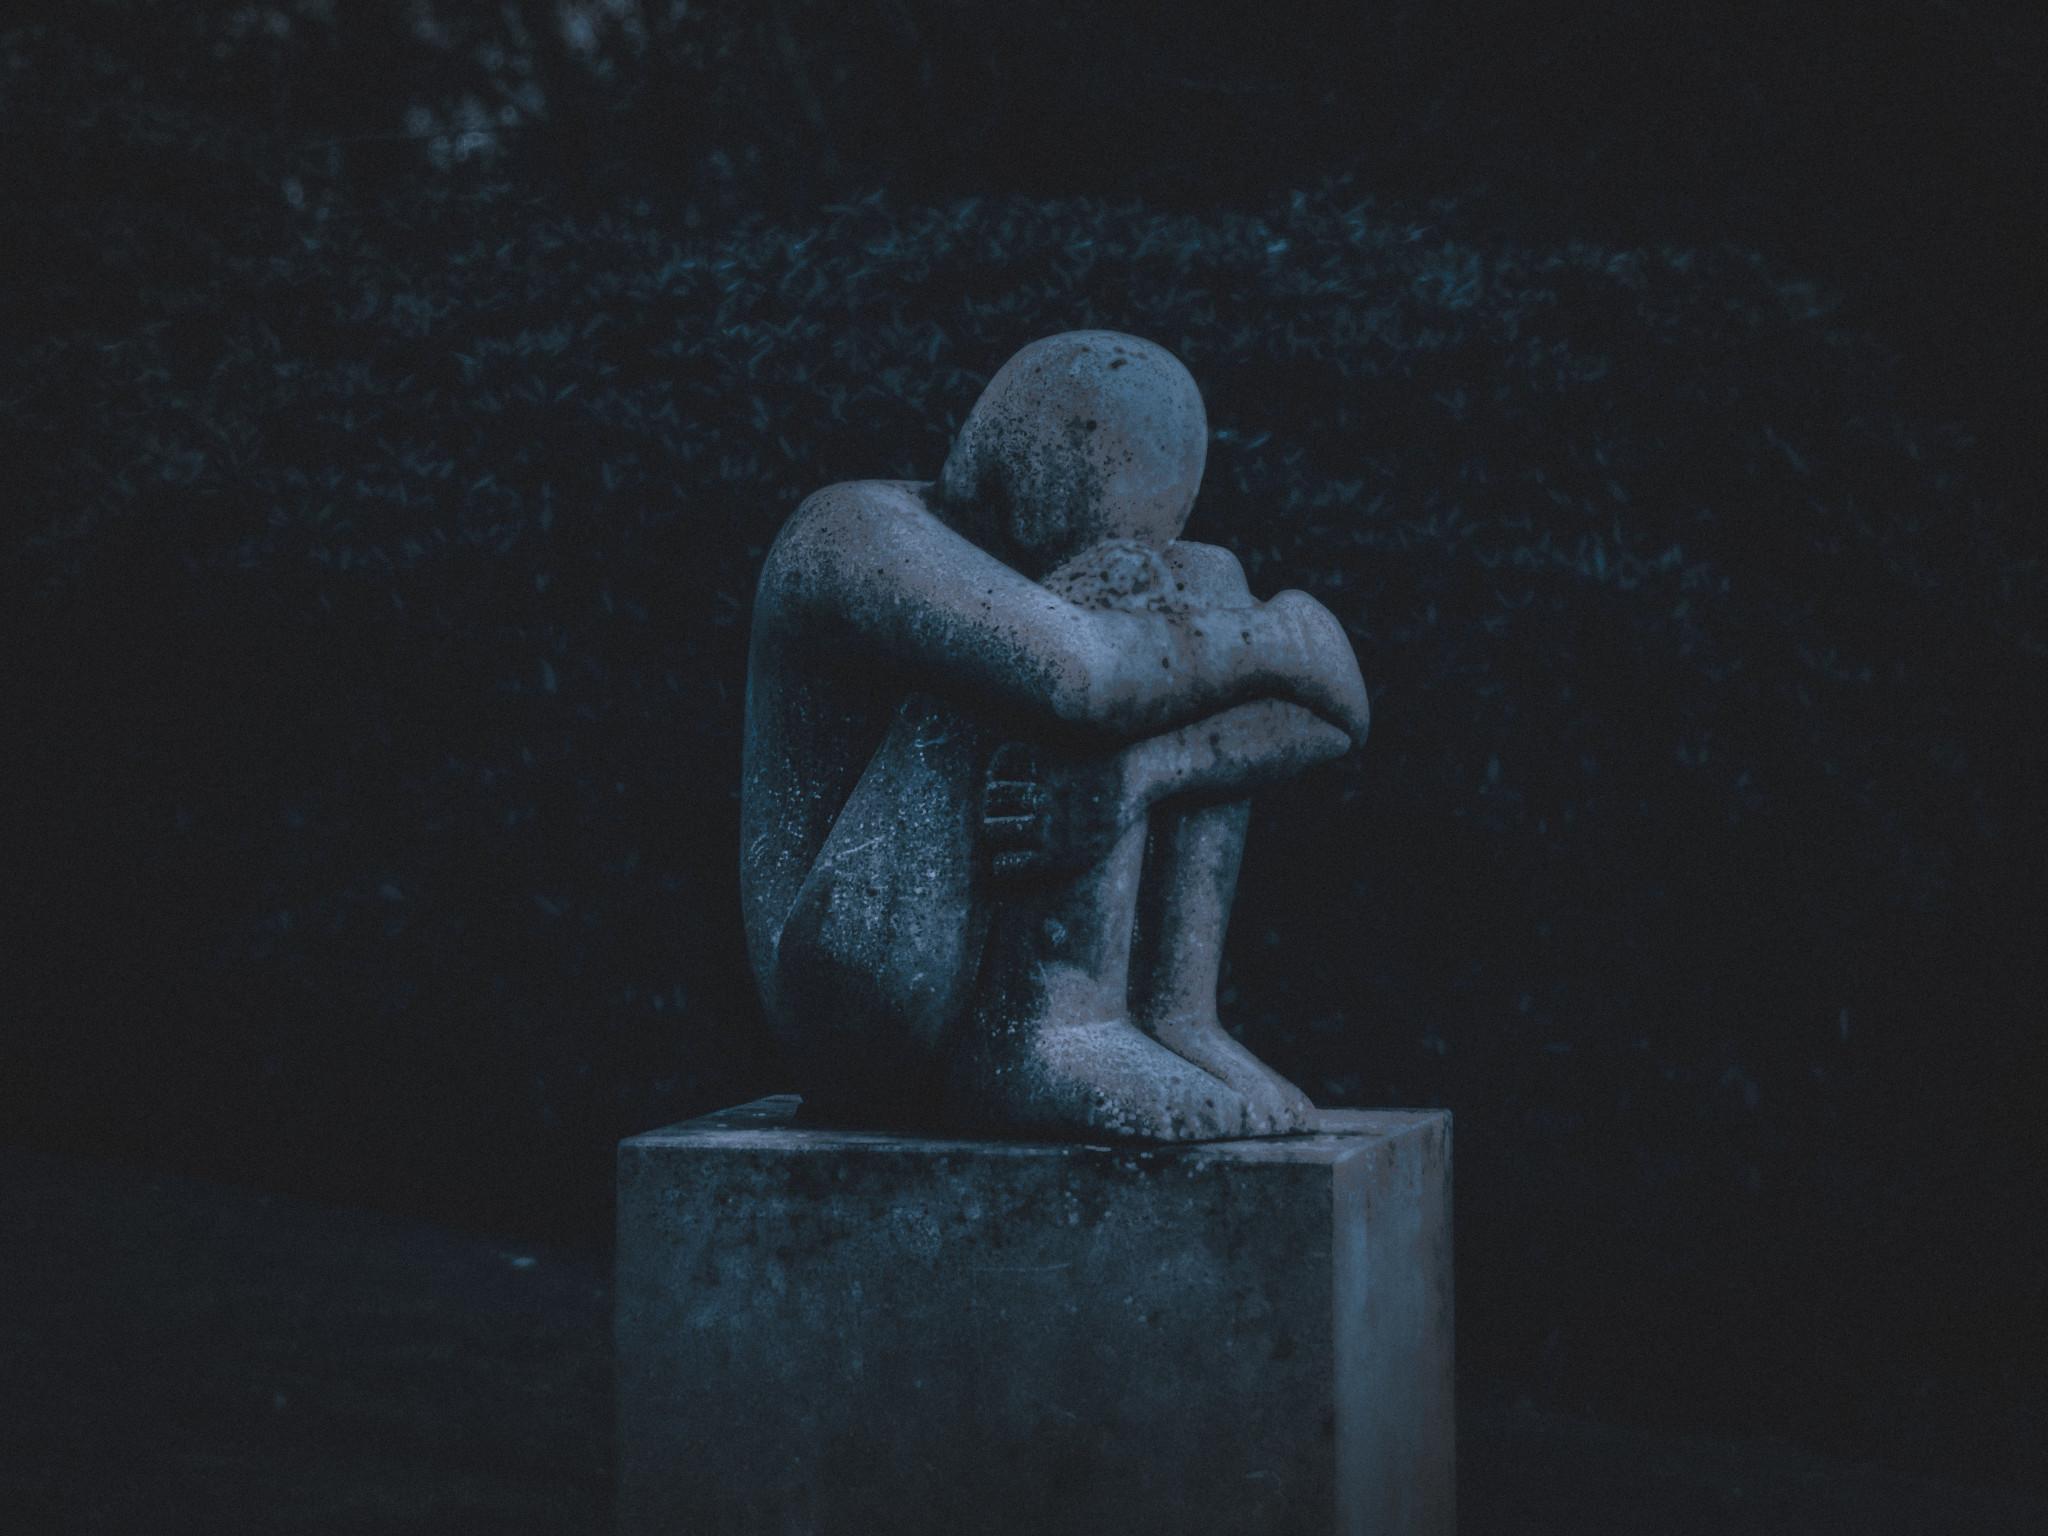 Staty av hopkurad person som symboliserar psykisk ohälsa. Mörk siluett.